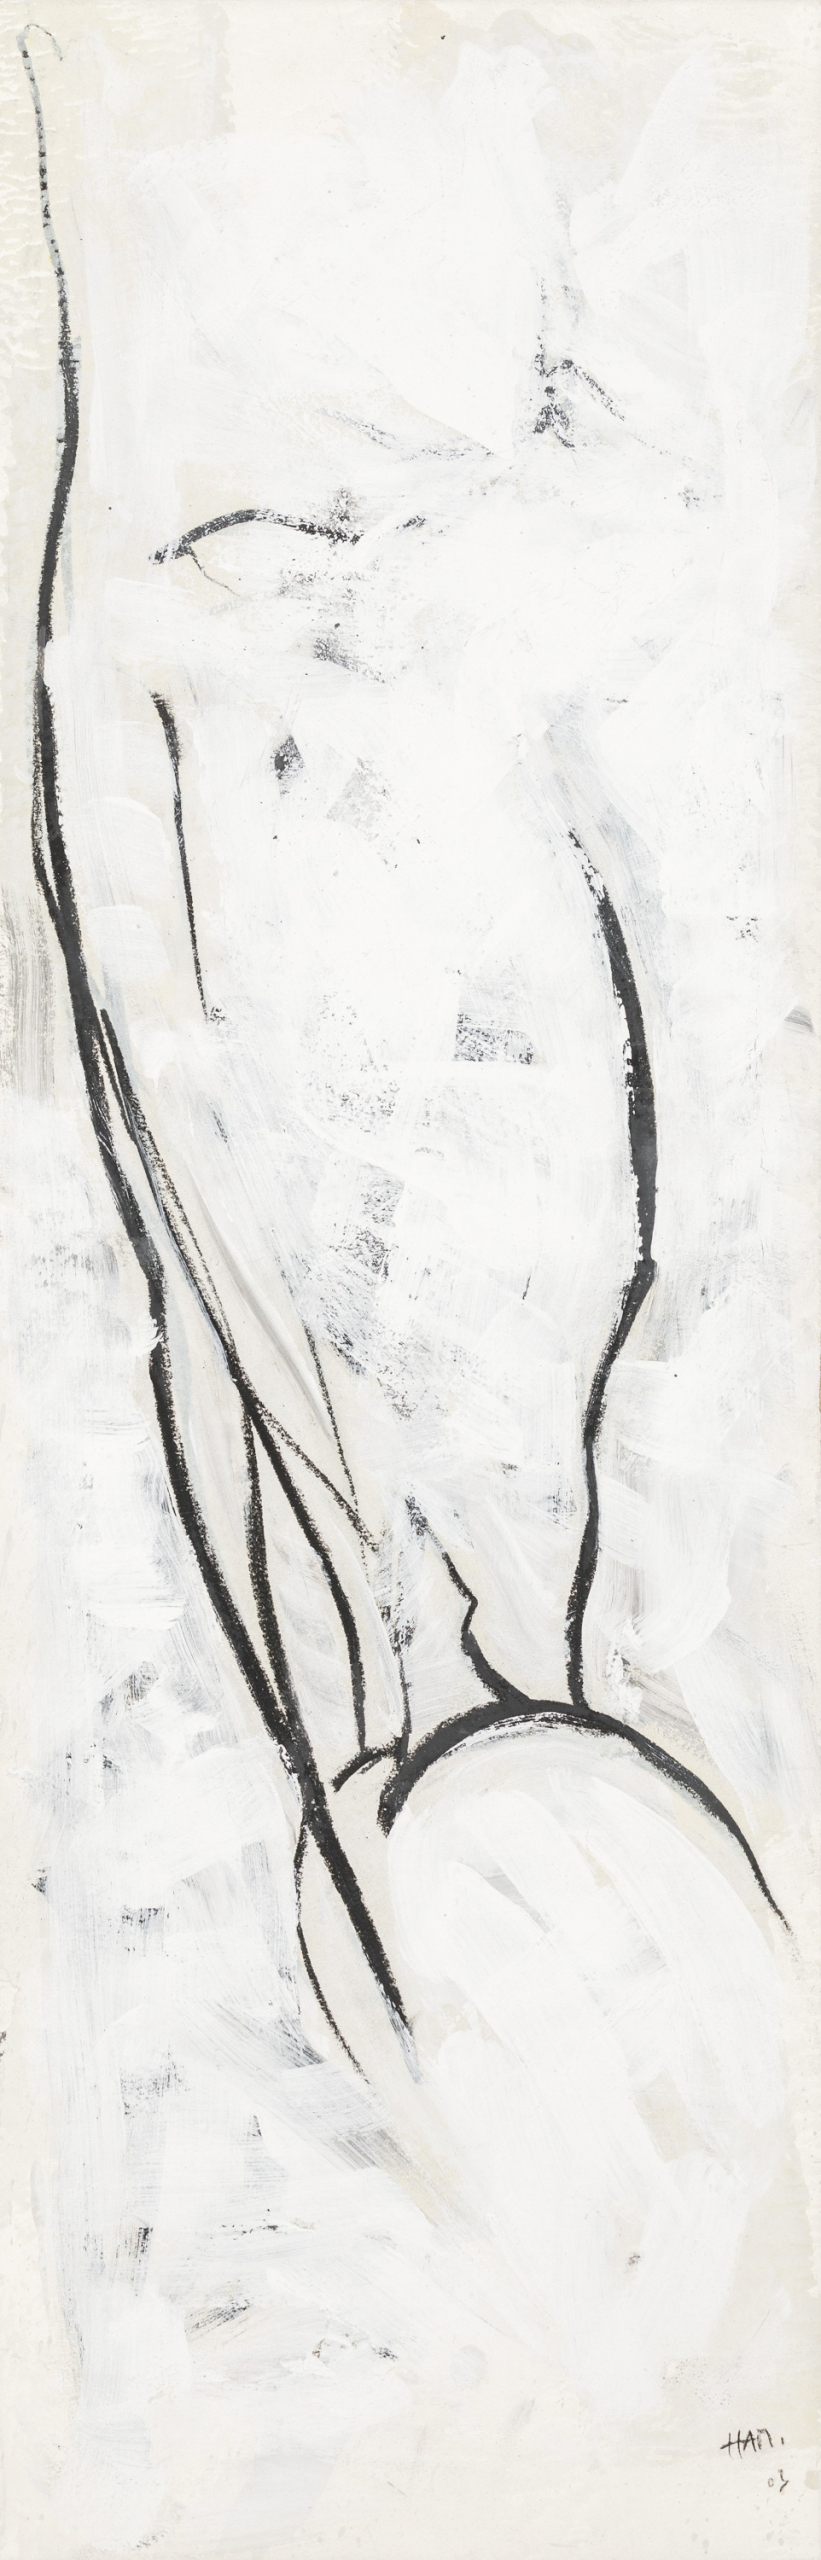 Hannes Mlenek, Ohne Titel (aus der Serie Beinstudien) / untitled (from the series leg studies)